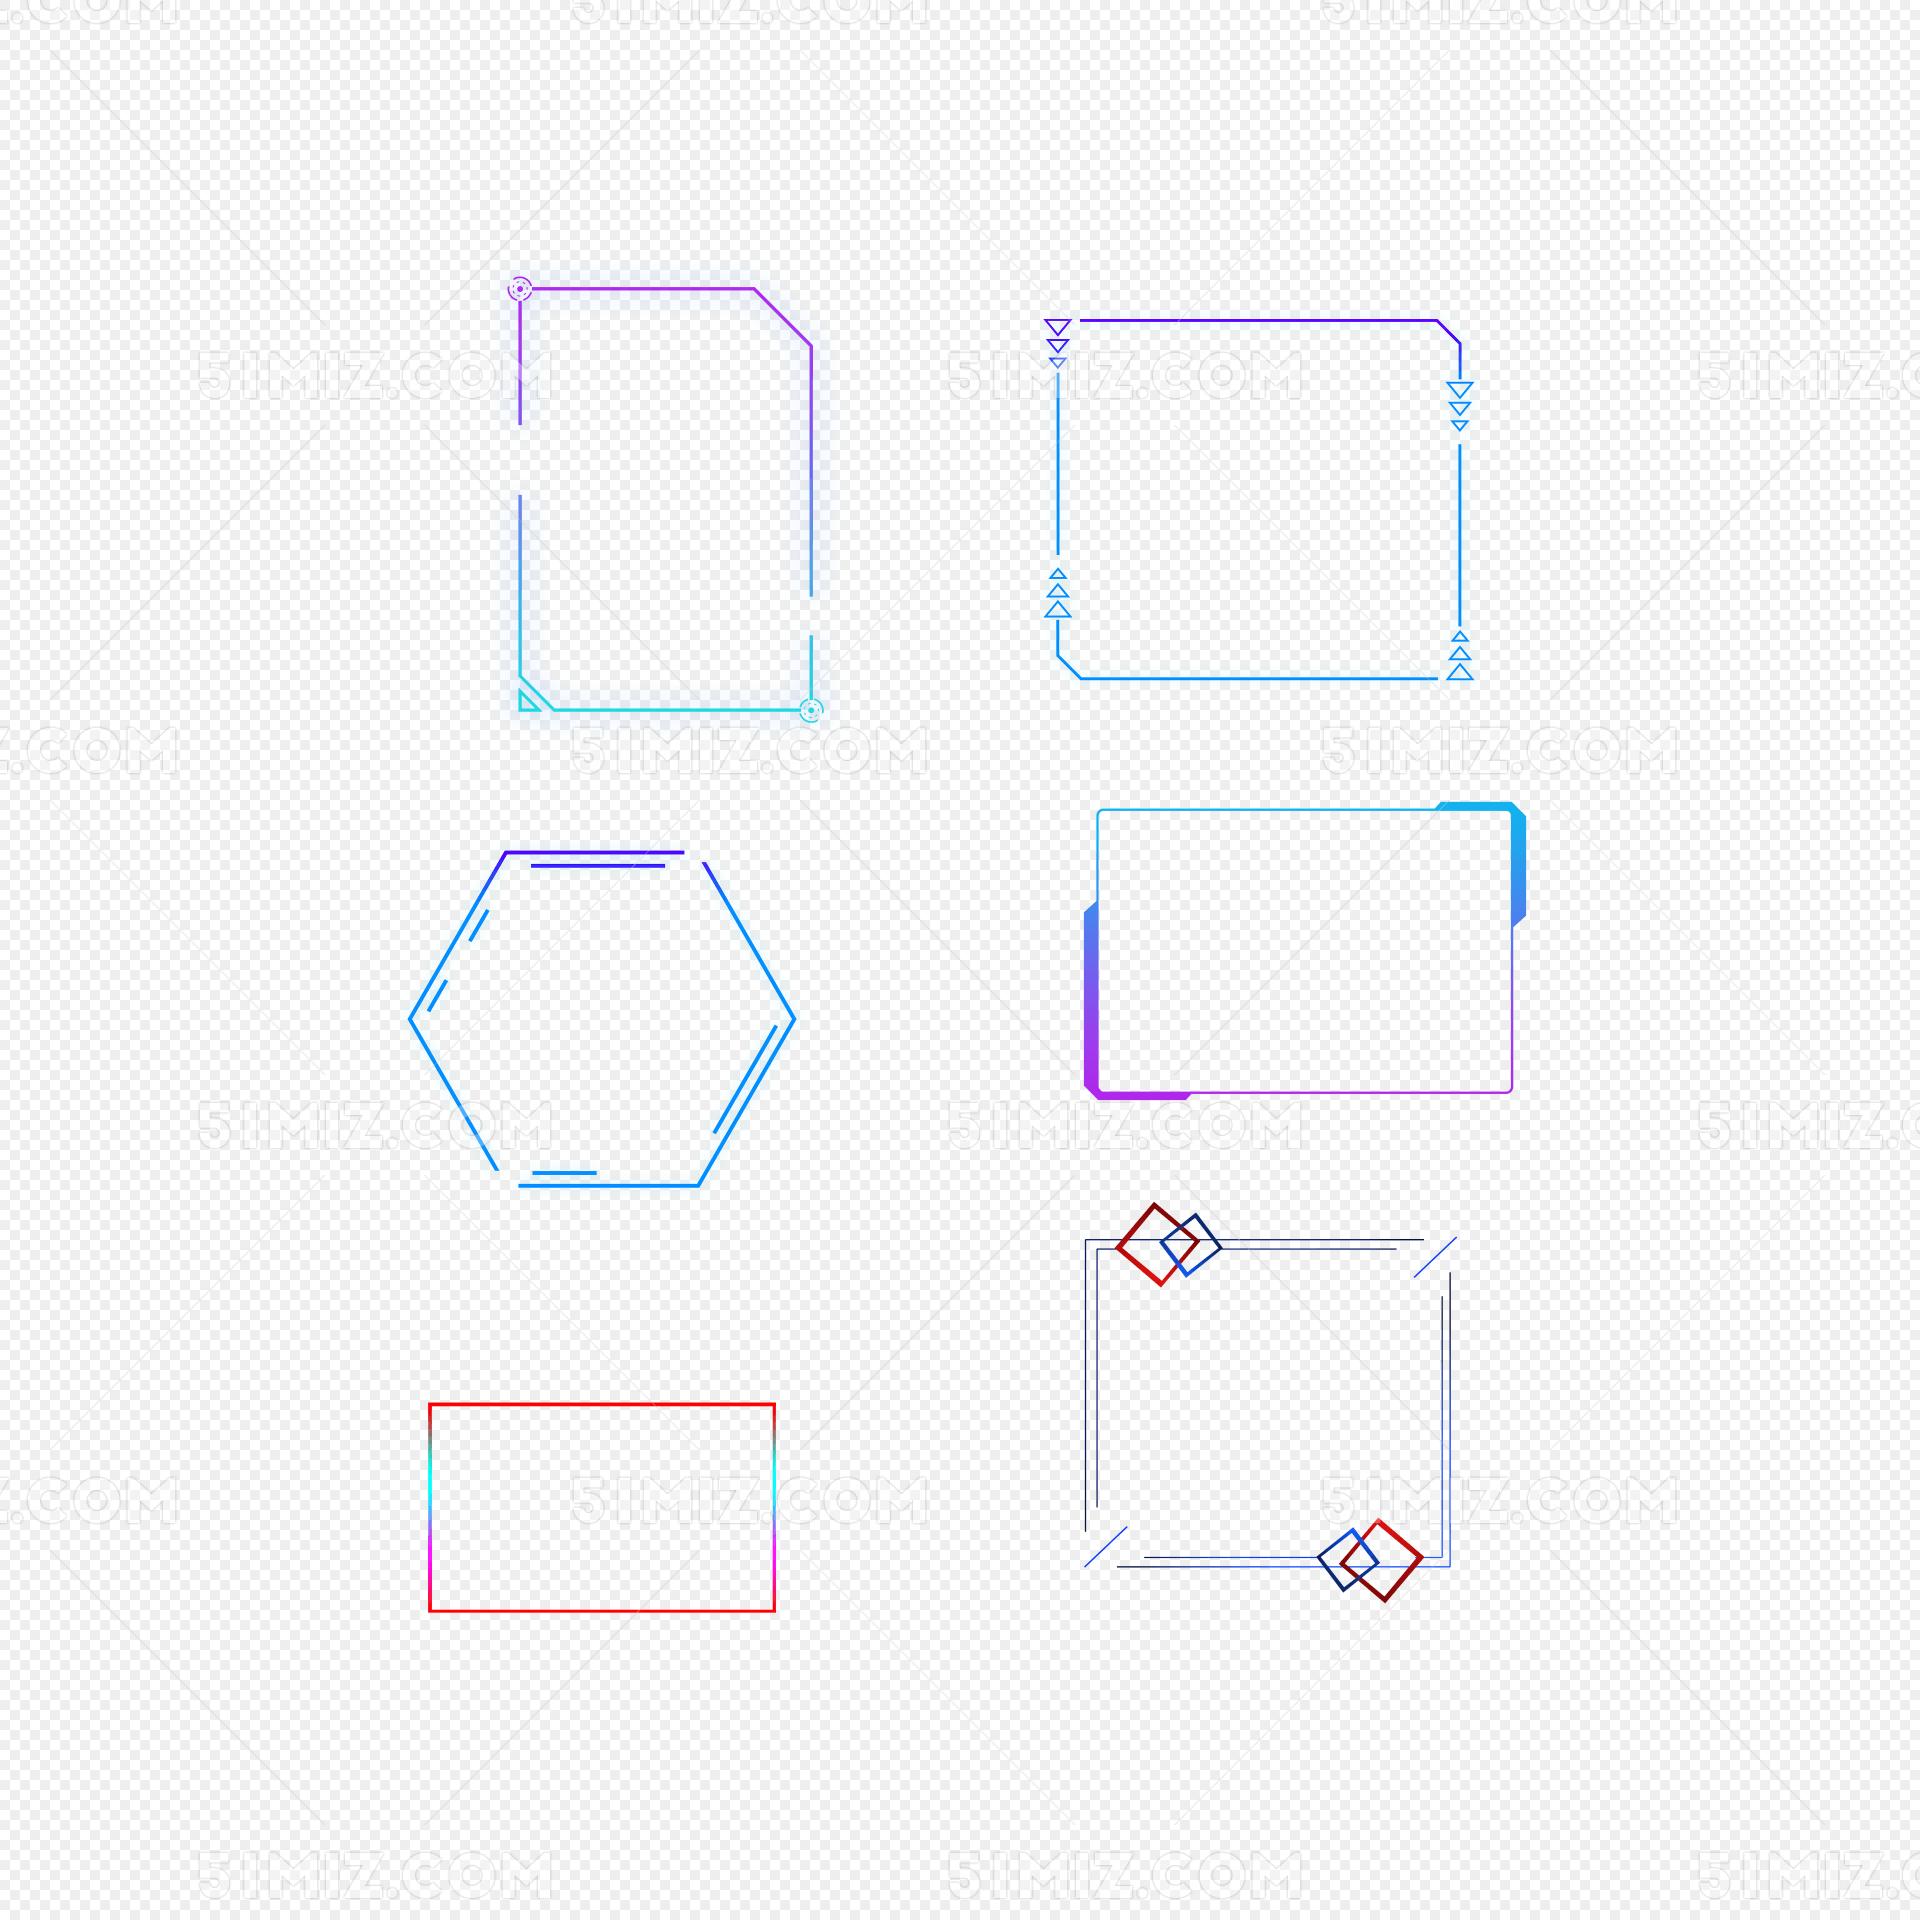 蓝色科技感边框花边纹理素材